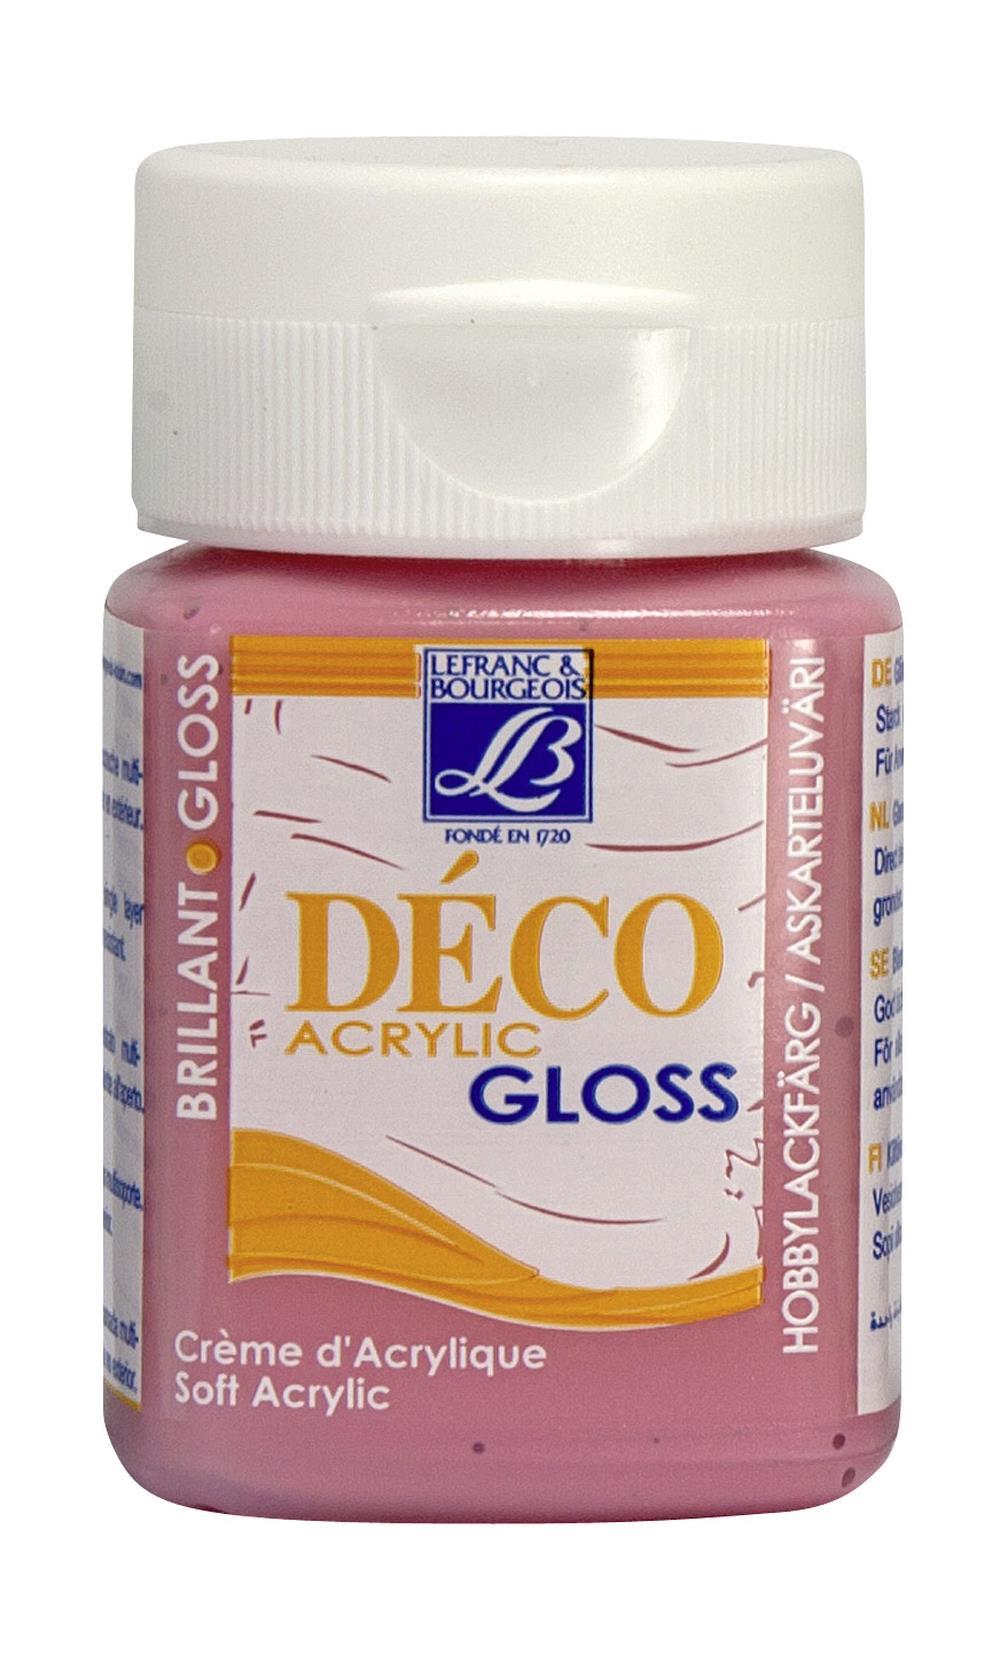 Hobbyfärg L&B Deco Gloss Akryl 50ml  Pink 351 (4F) utgått